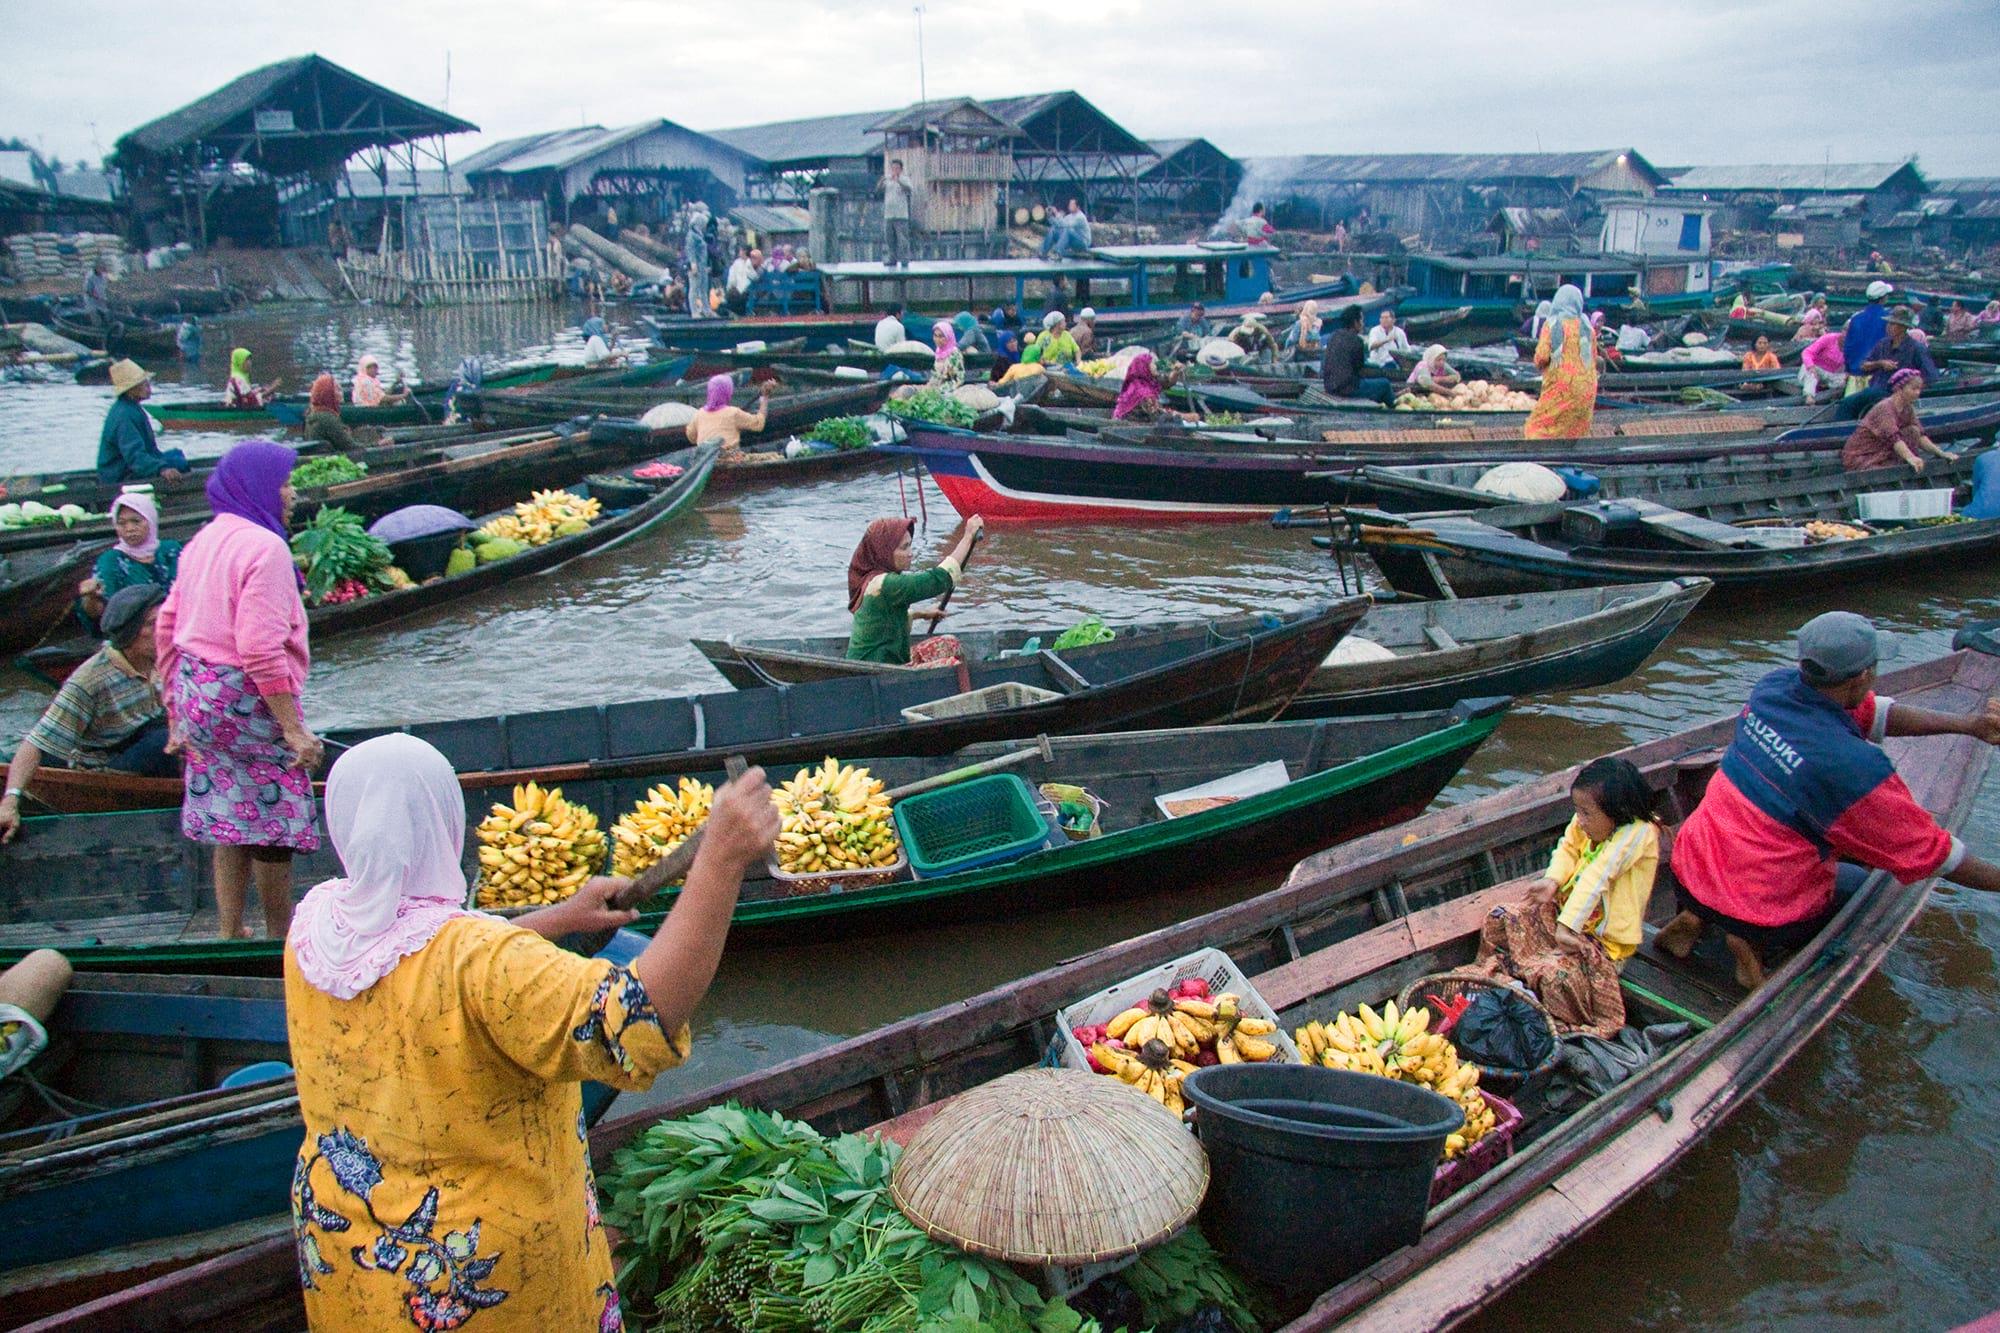 Floating Market Lembang Bandung Wisata Kuliner Asik Pasar Apung Indonesia